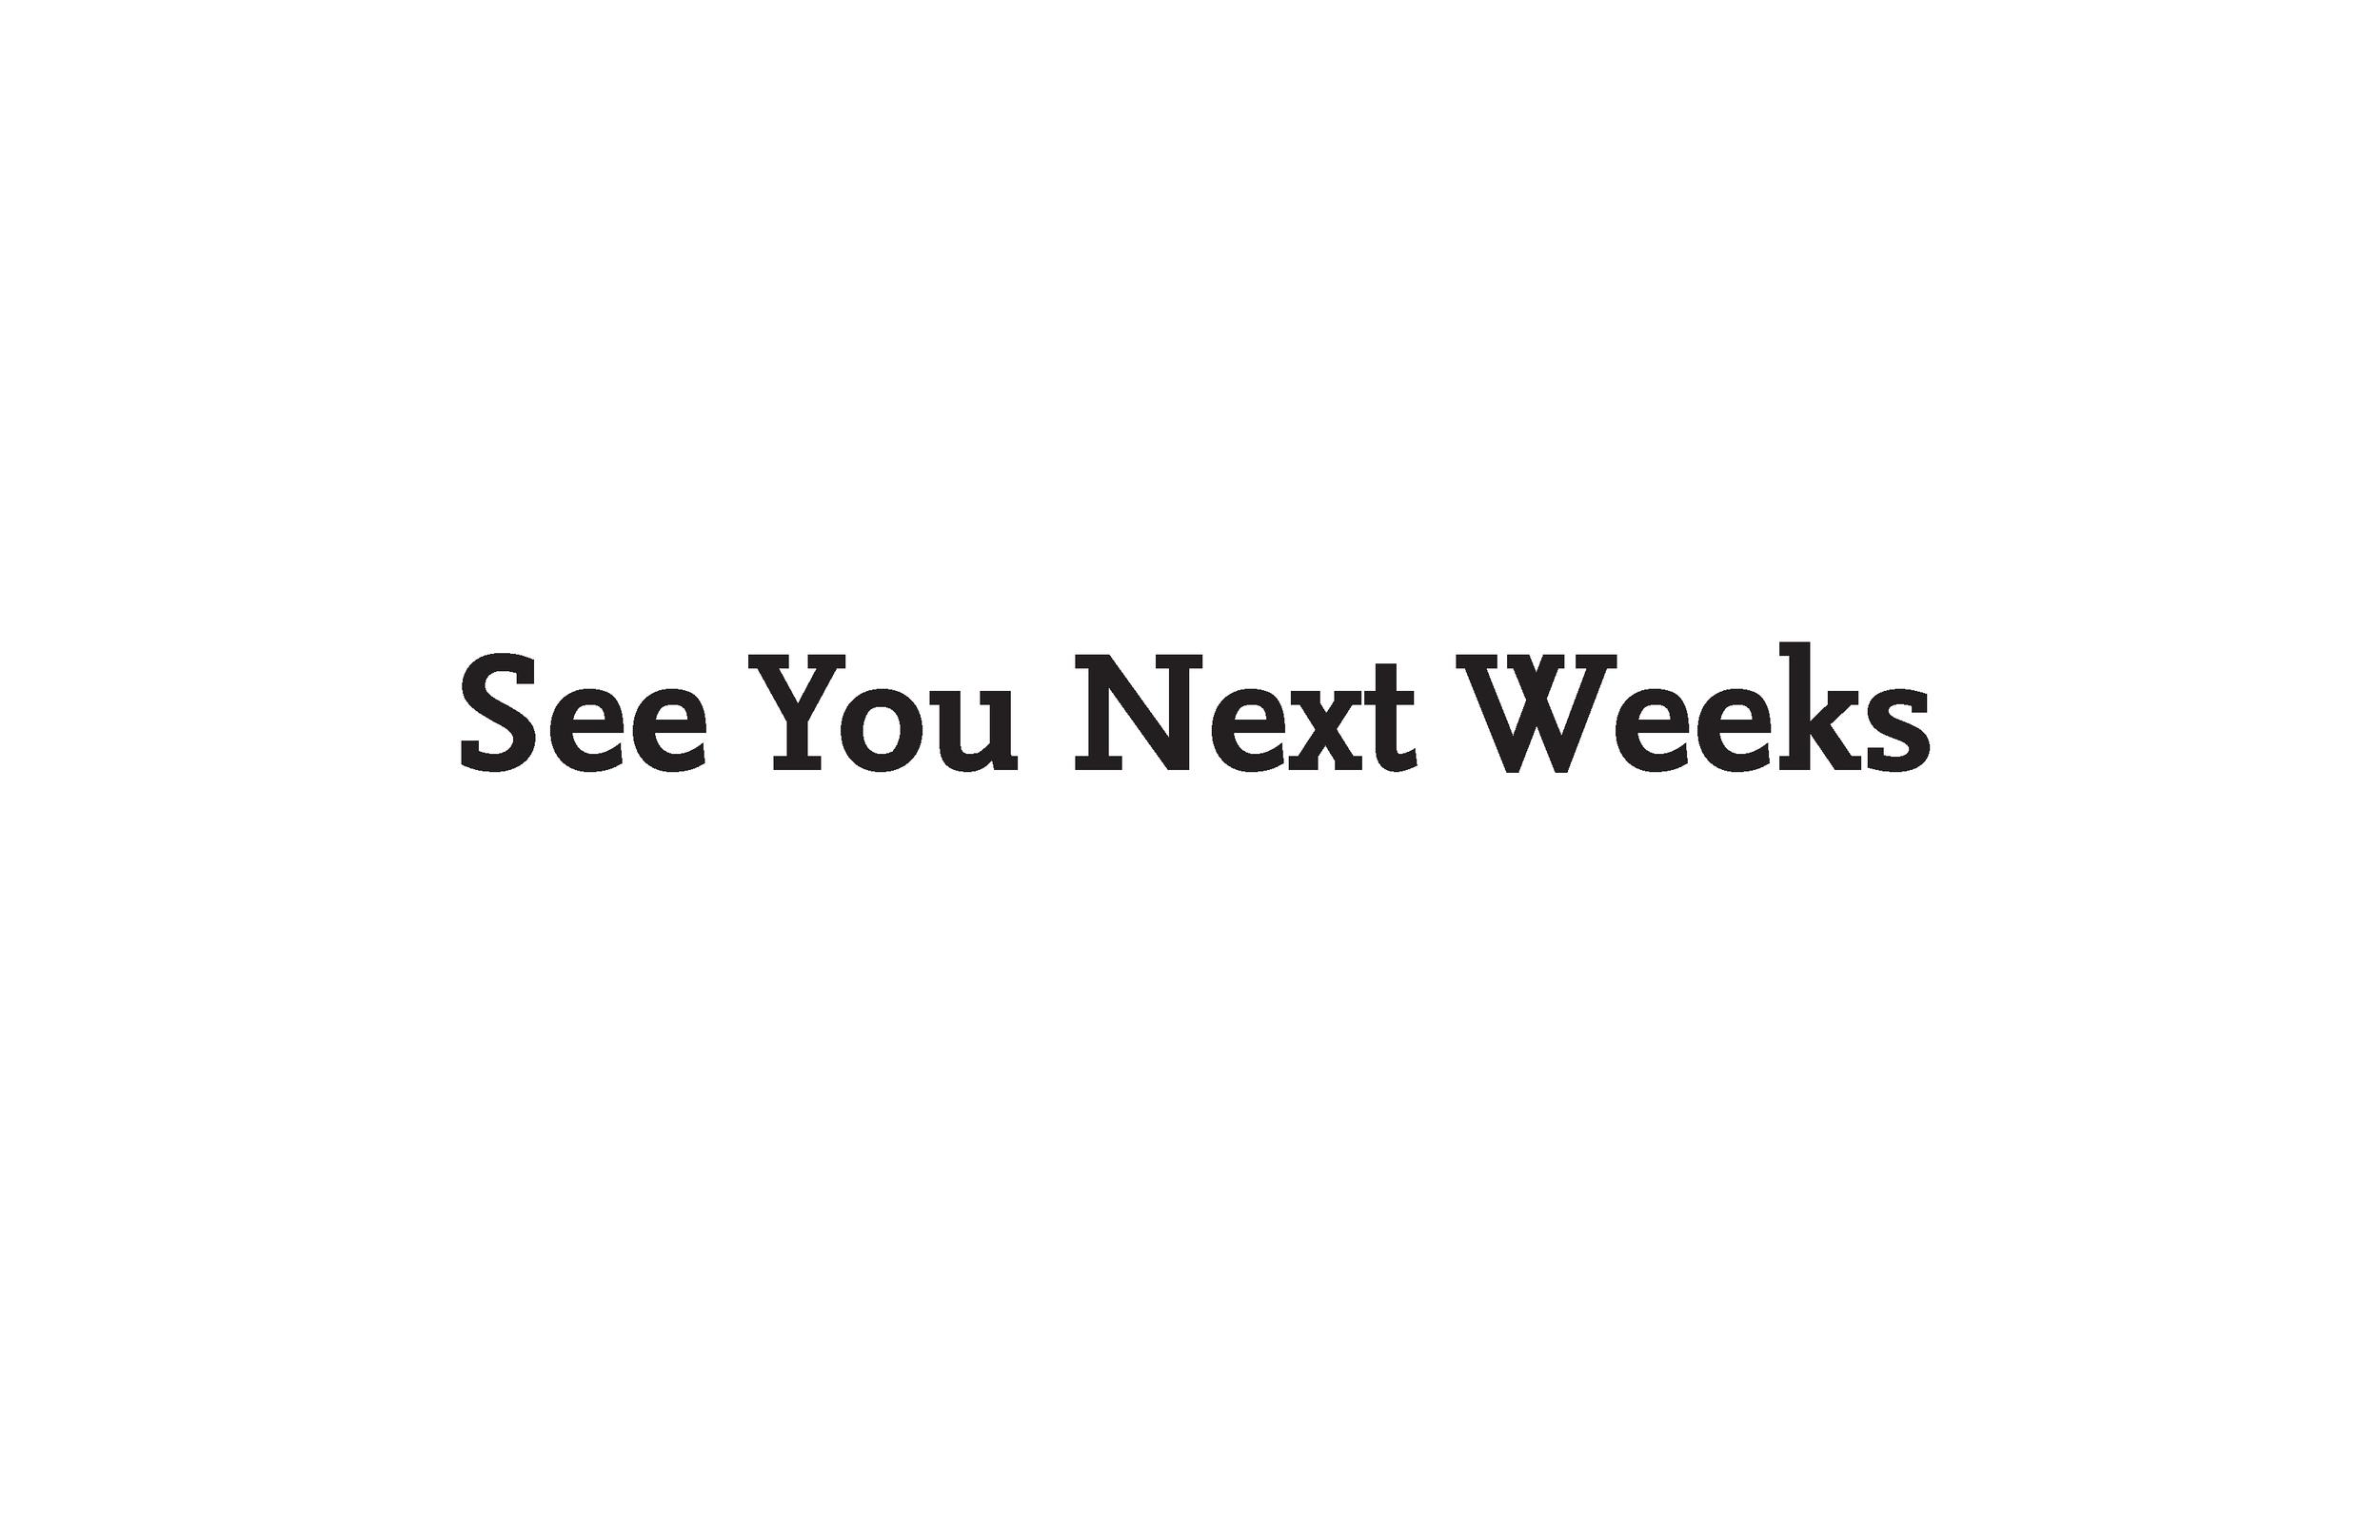 PEM_S19_Week_8_1_Page_32.png